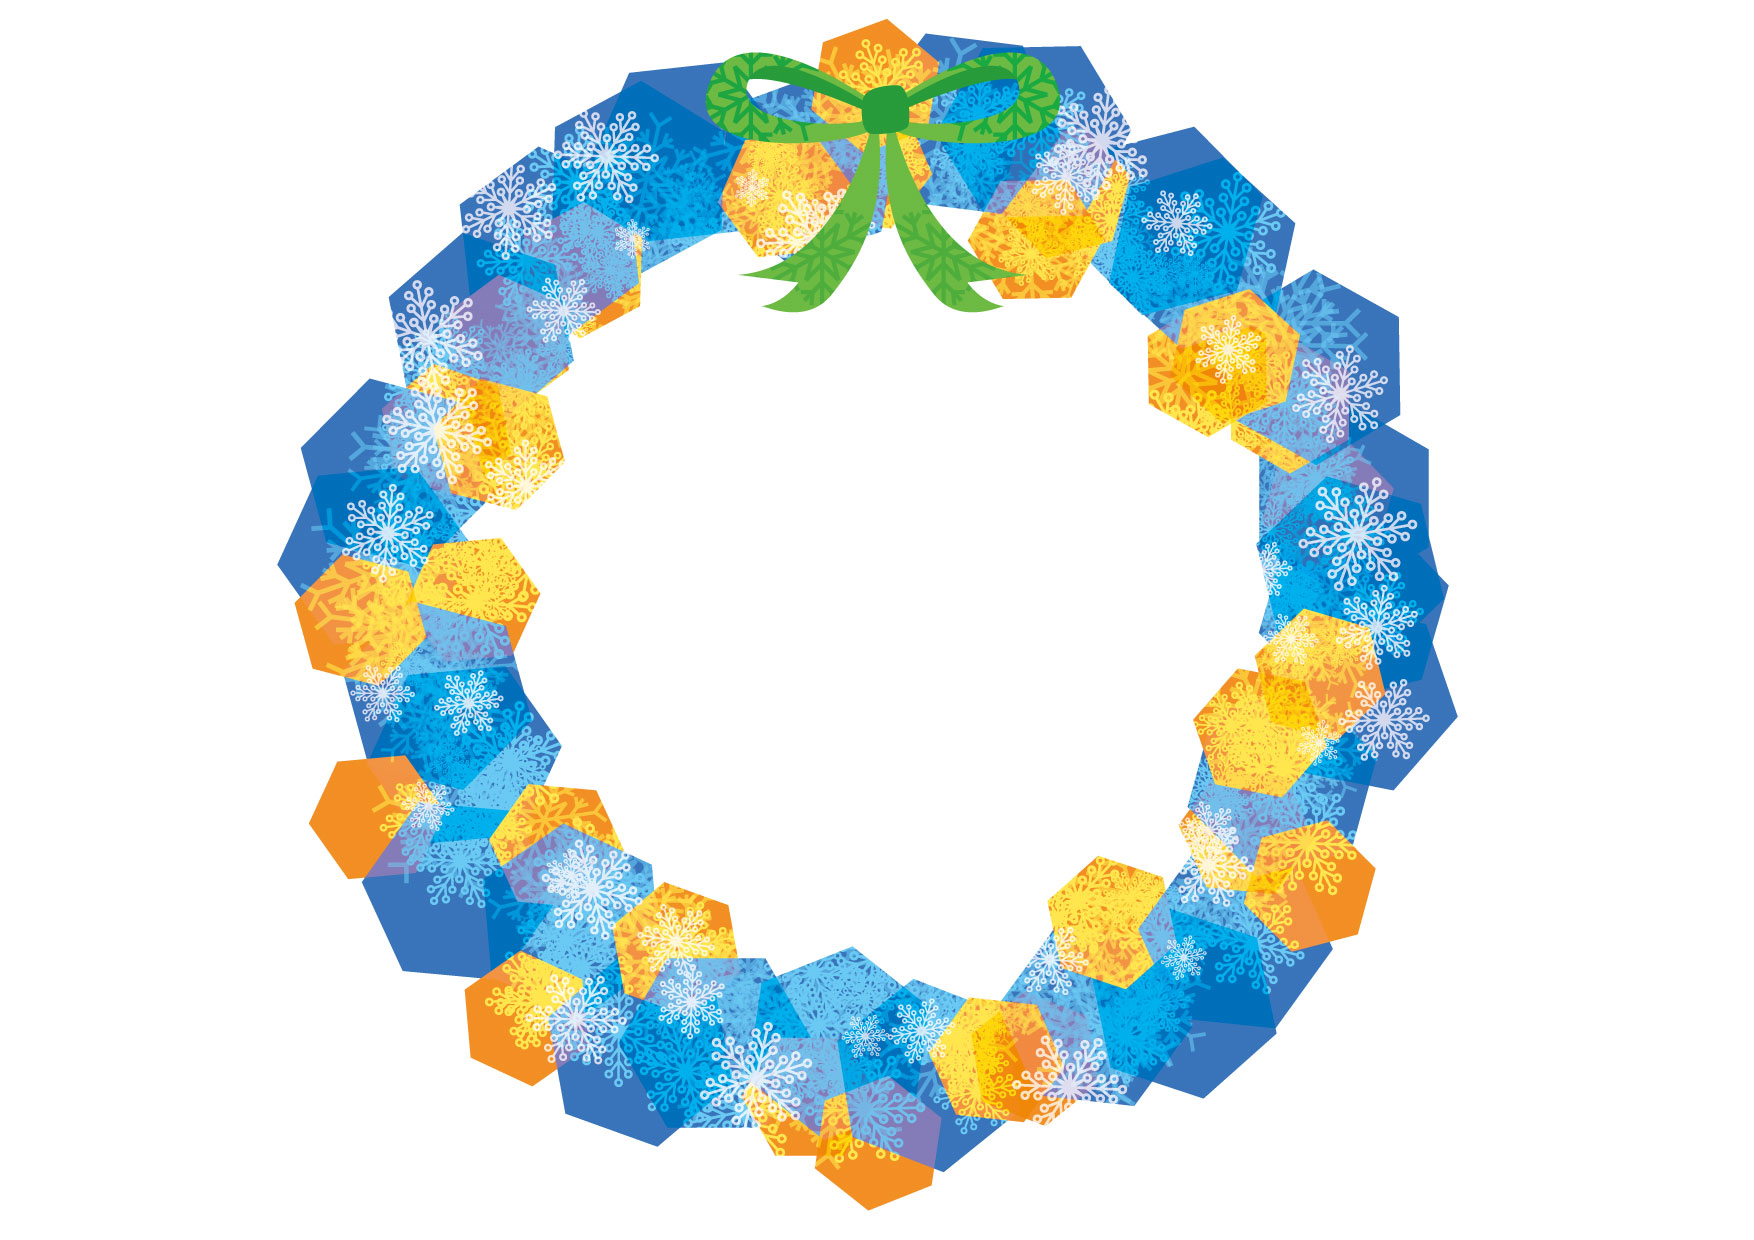 可愛いイラスト無料|クリスマスリース 青色 − free illustration Christmas wreath blue